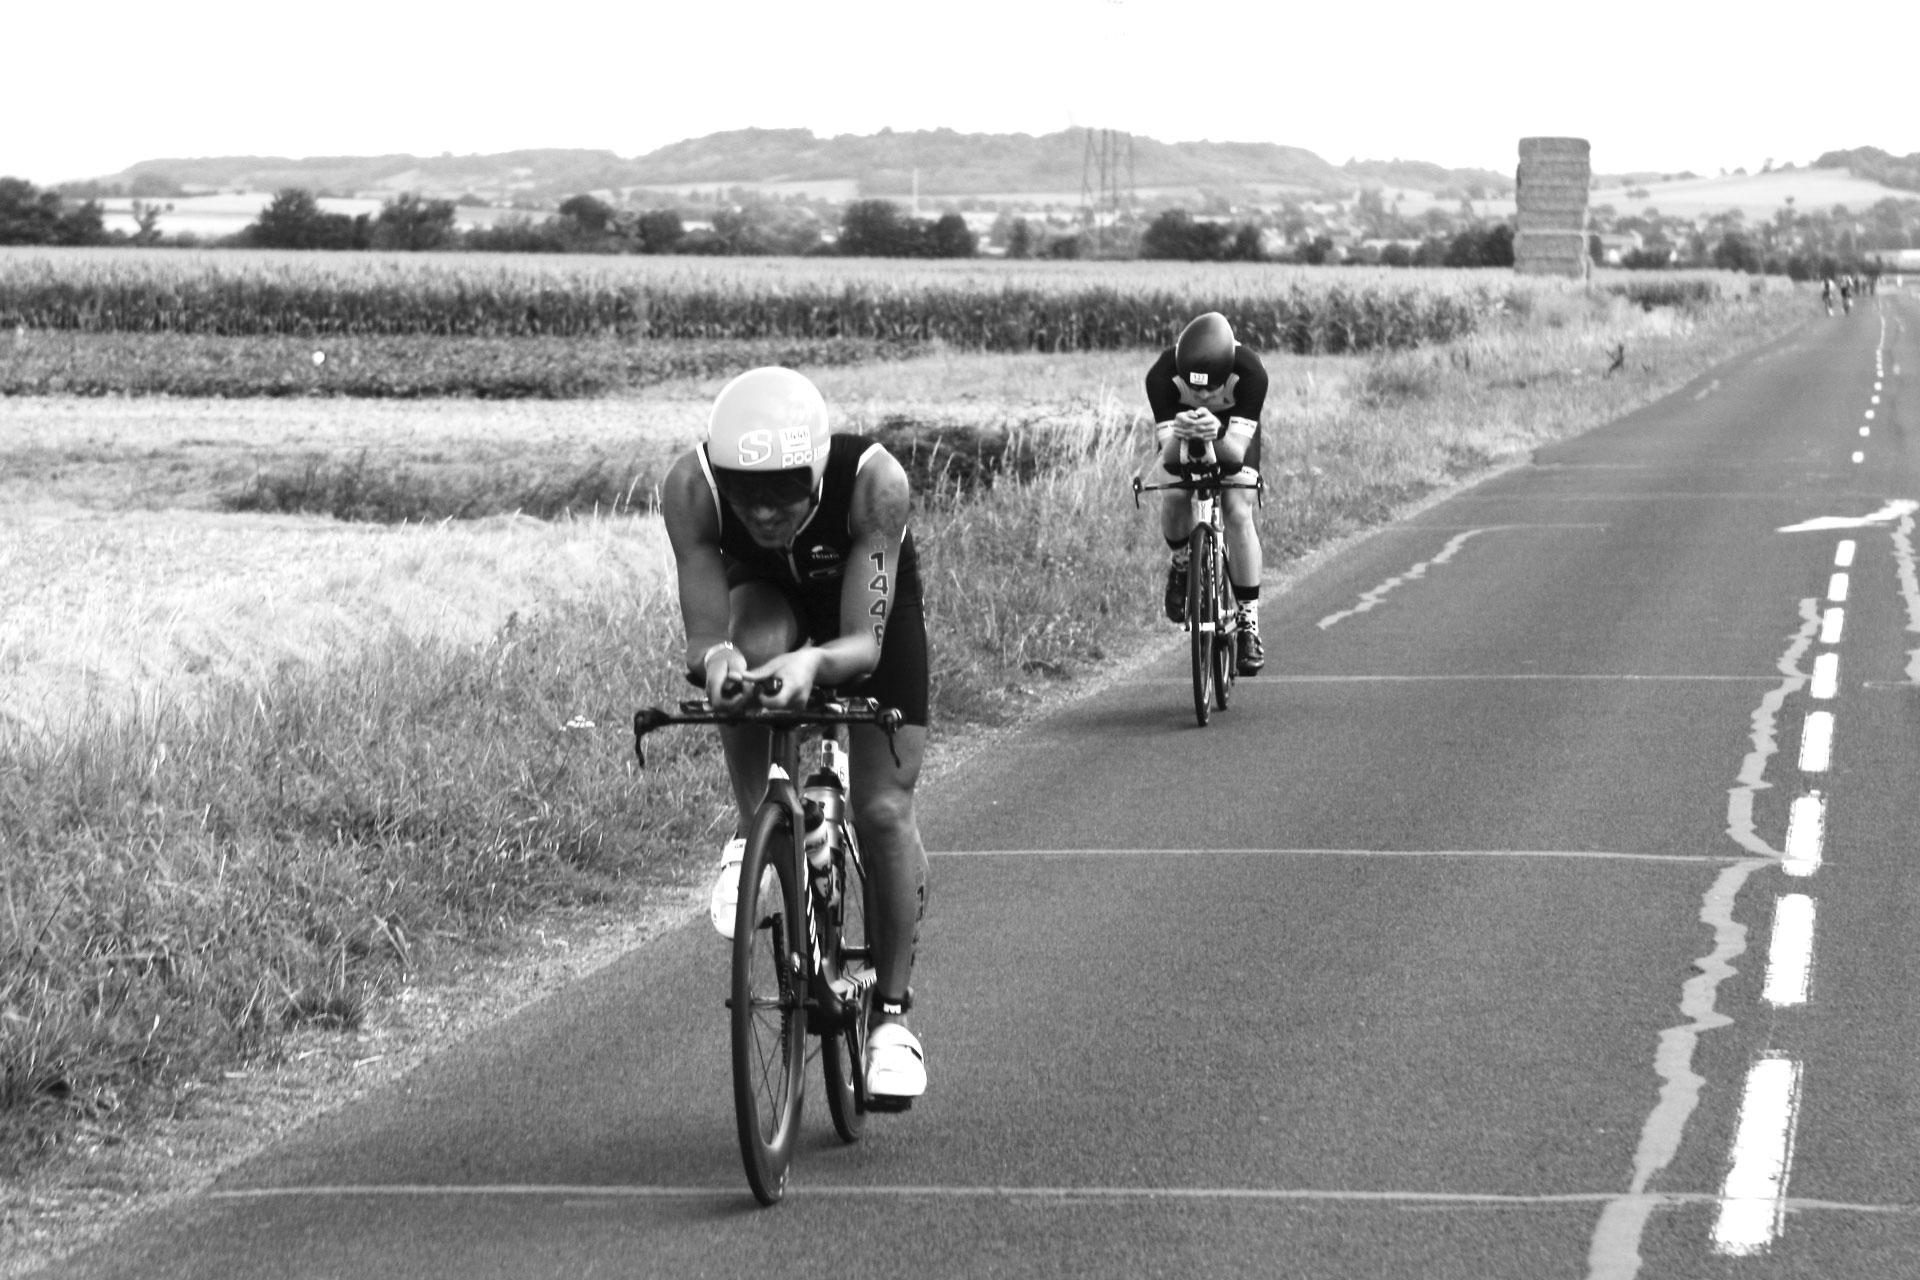 IRONMAN VICHY 2016 The Story: Ständiger Gegenwind auf den langen Geraden durch die Auvergne - ob der Abstand wohl noch regelkonform ist ©stefandrexl.de